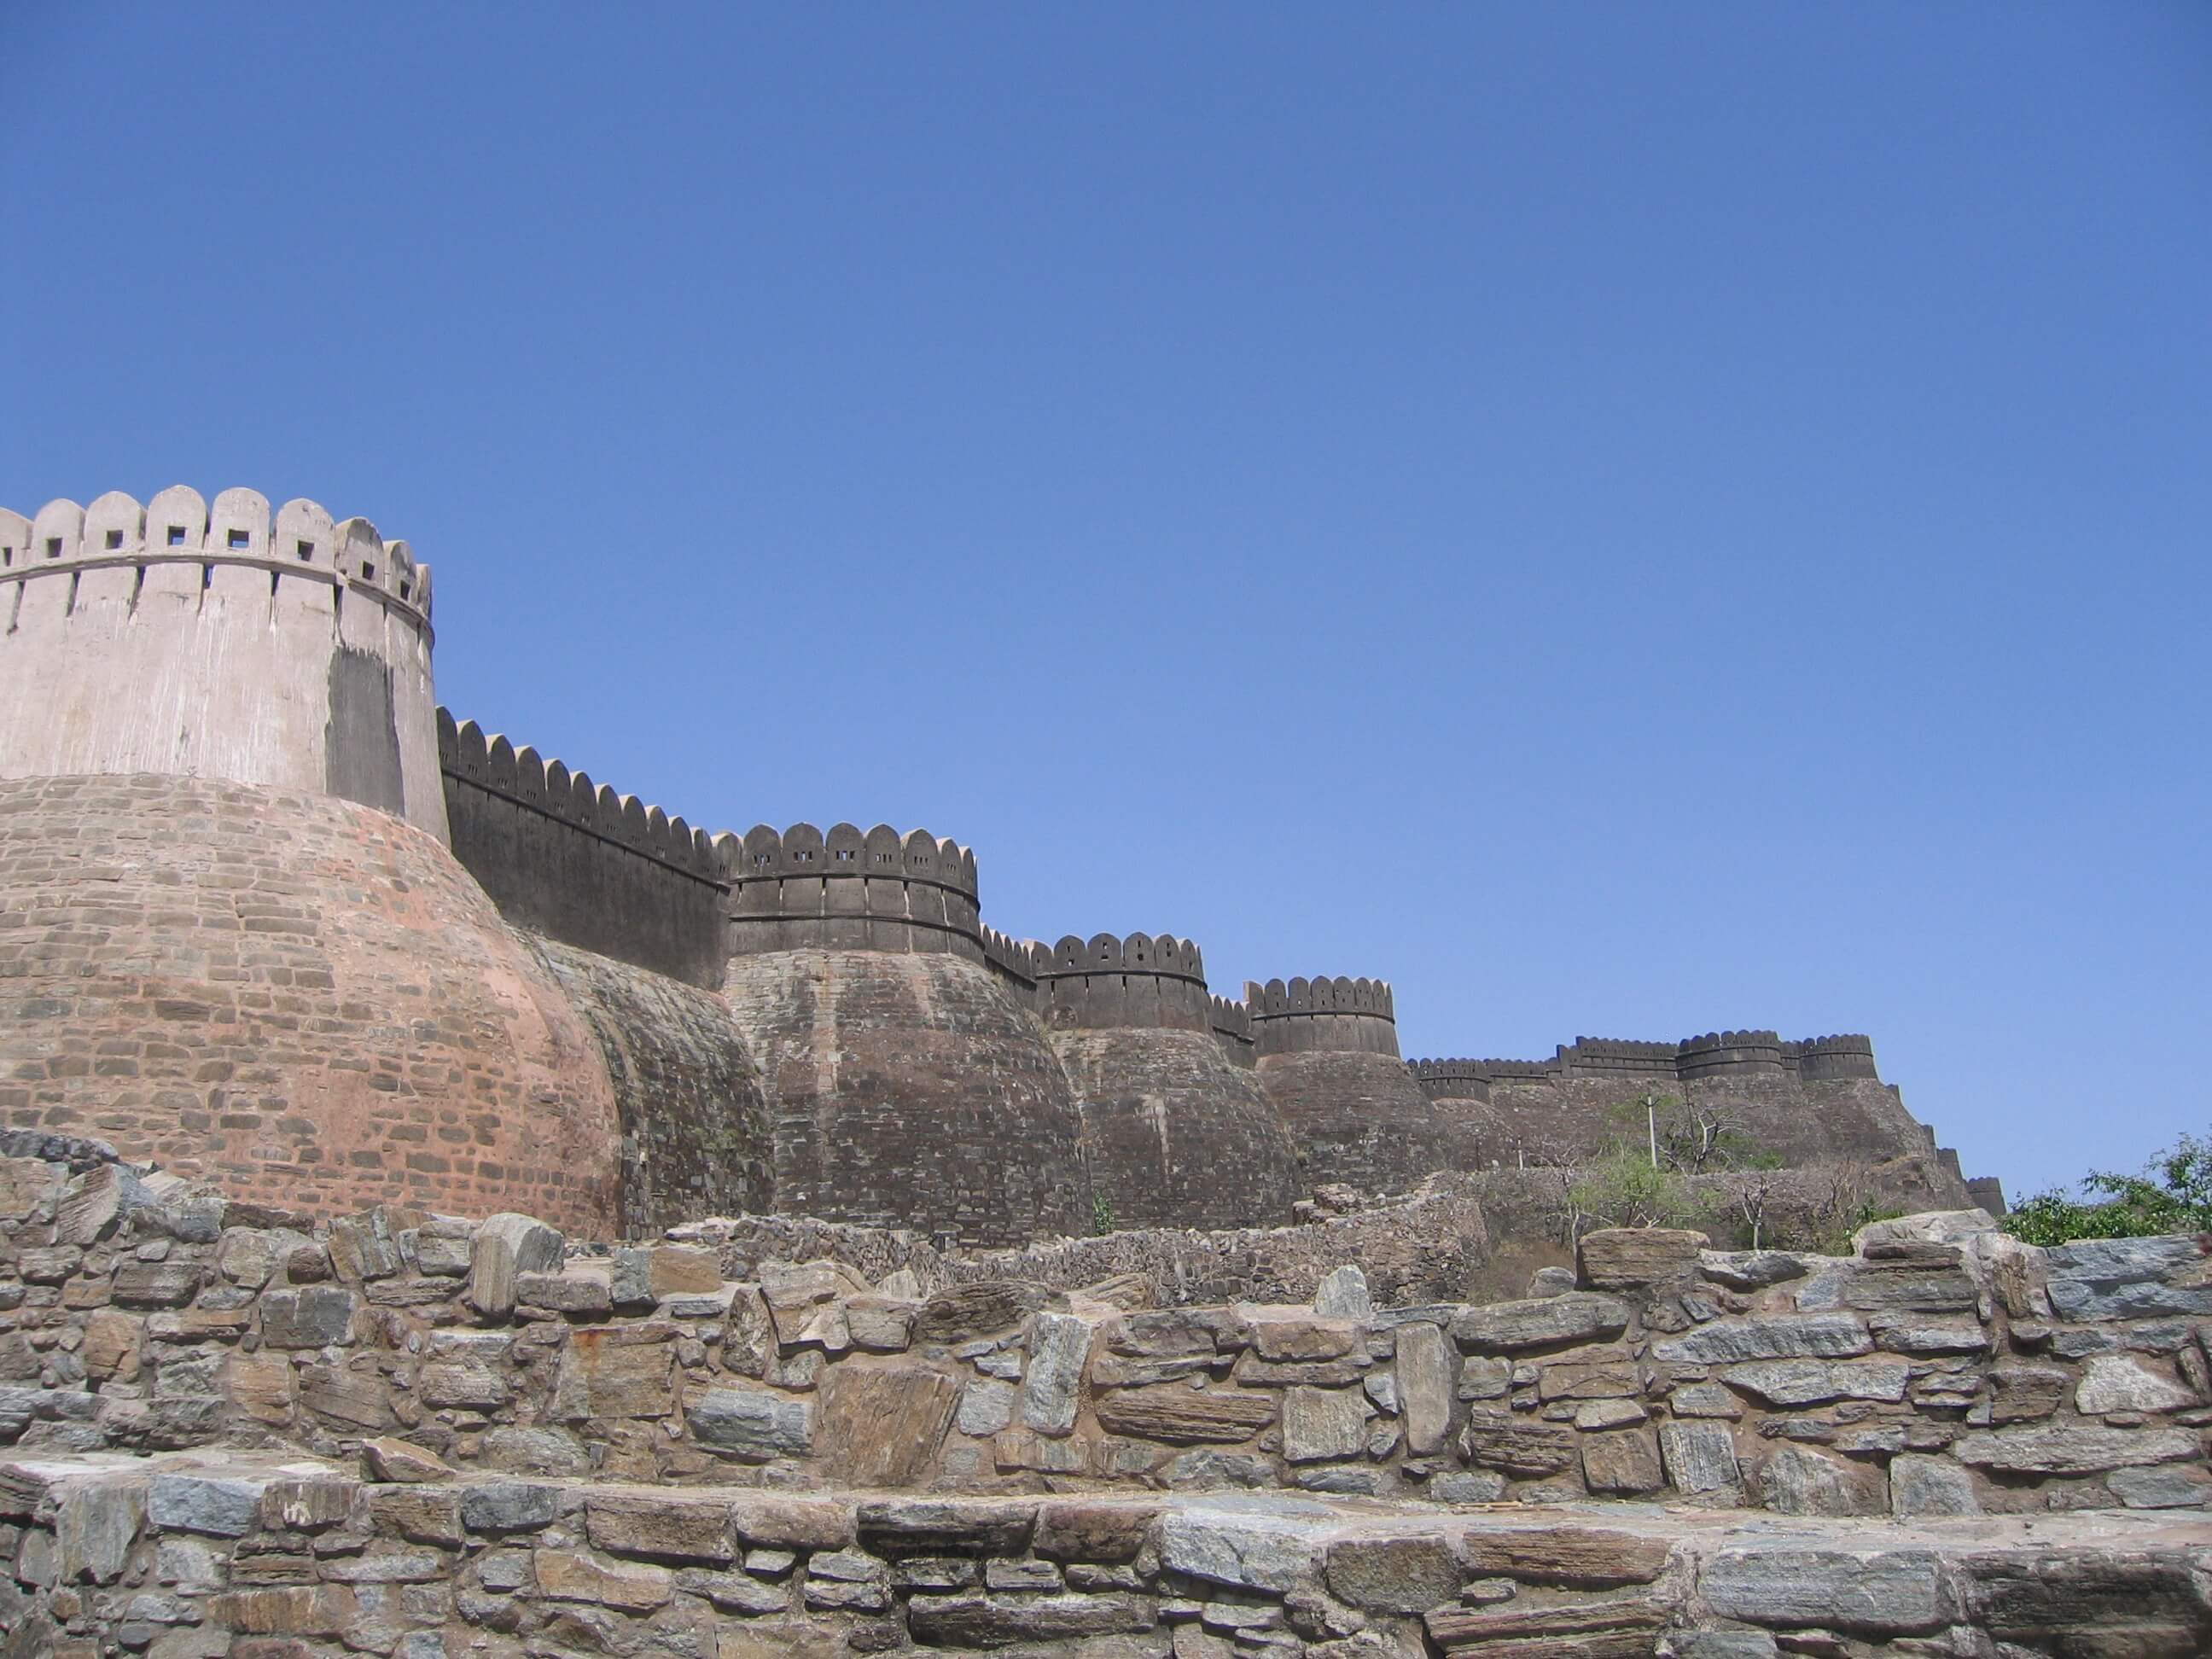 kumbhalgarh fort2